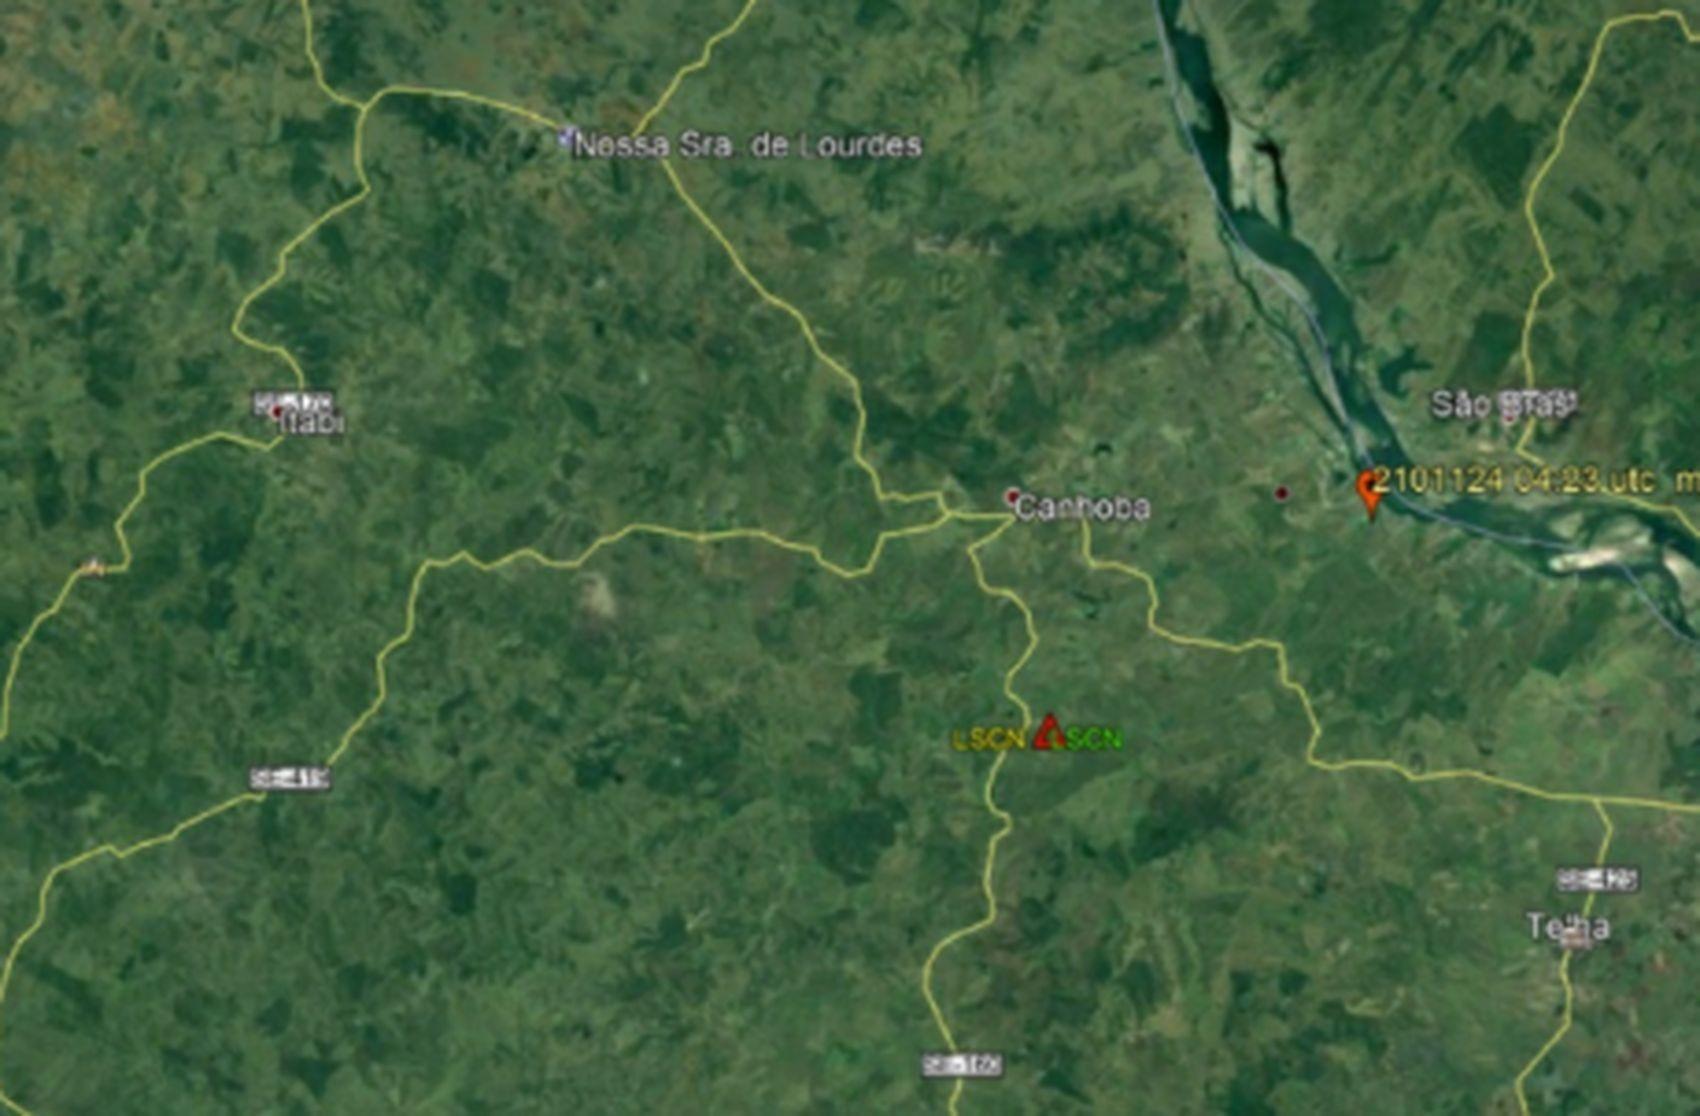 Tremor de terra é registrado no município de Canhoba em Sergipe